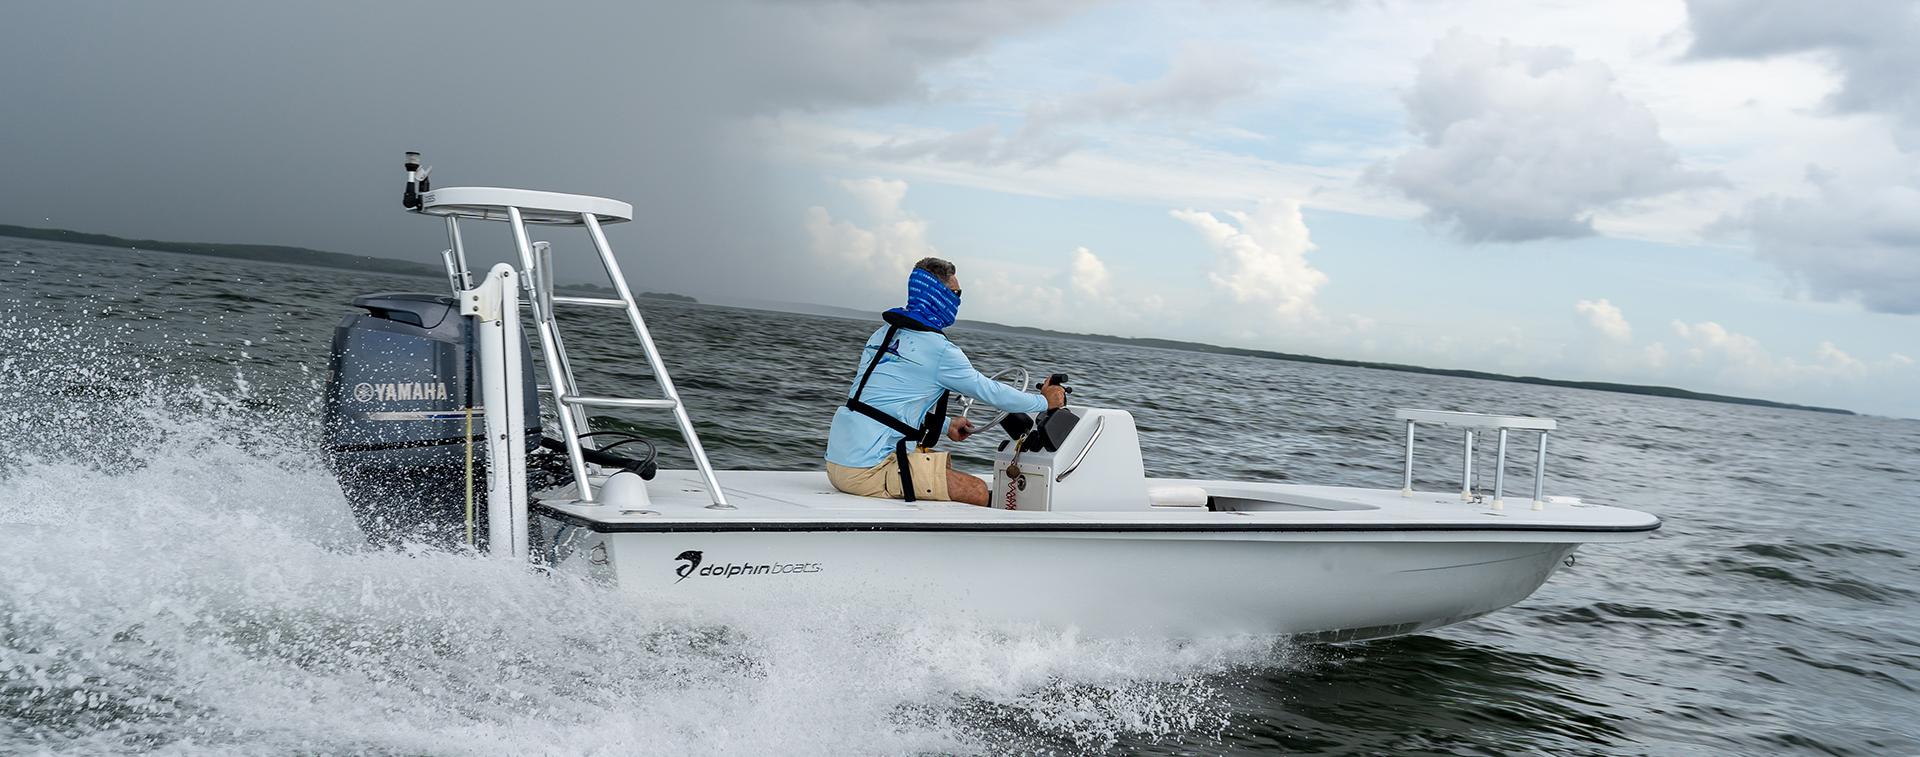 17-Super-Skiff-Dolphin-Boats